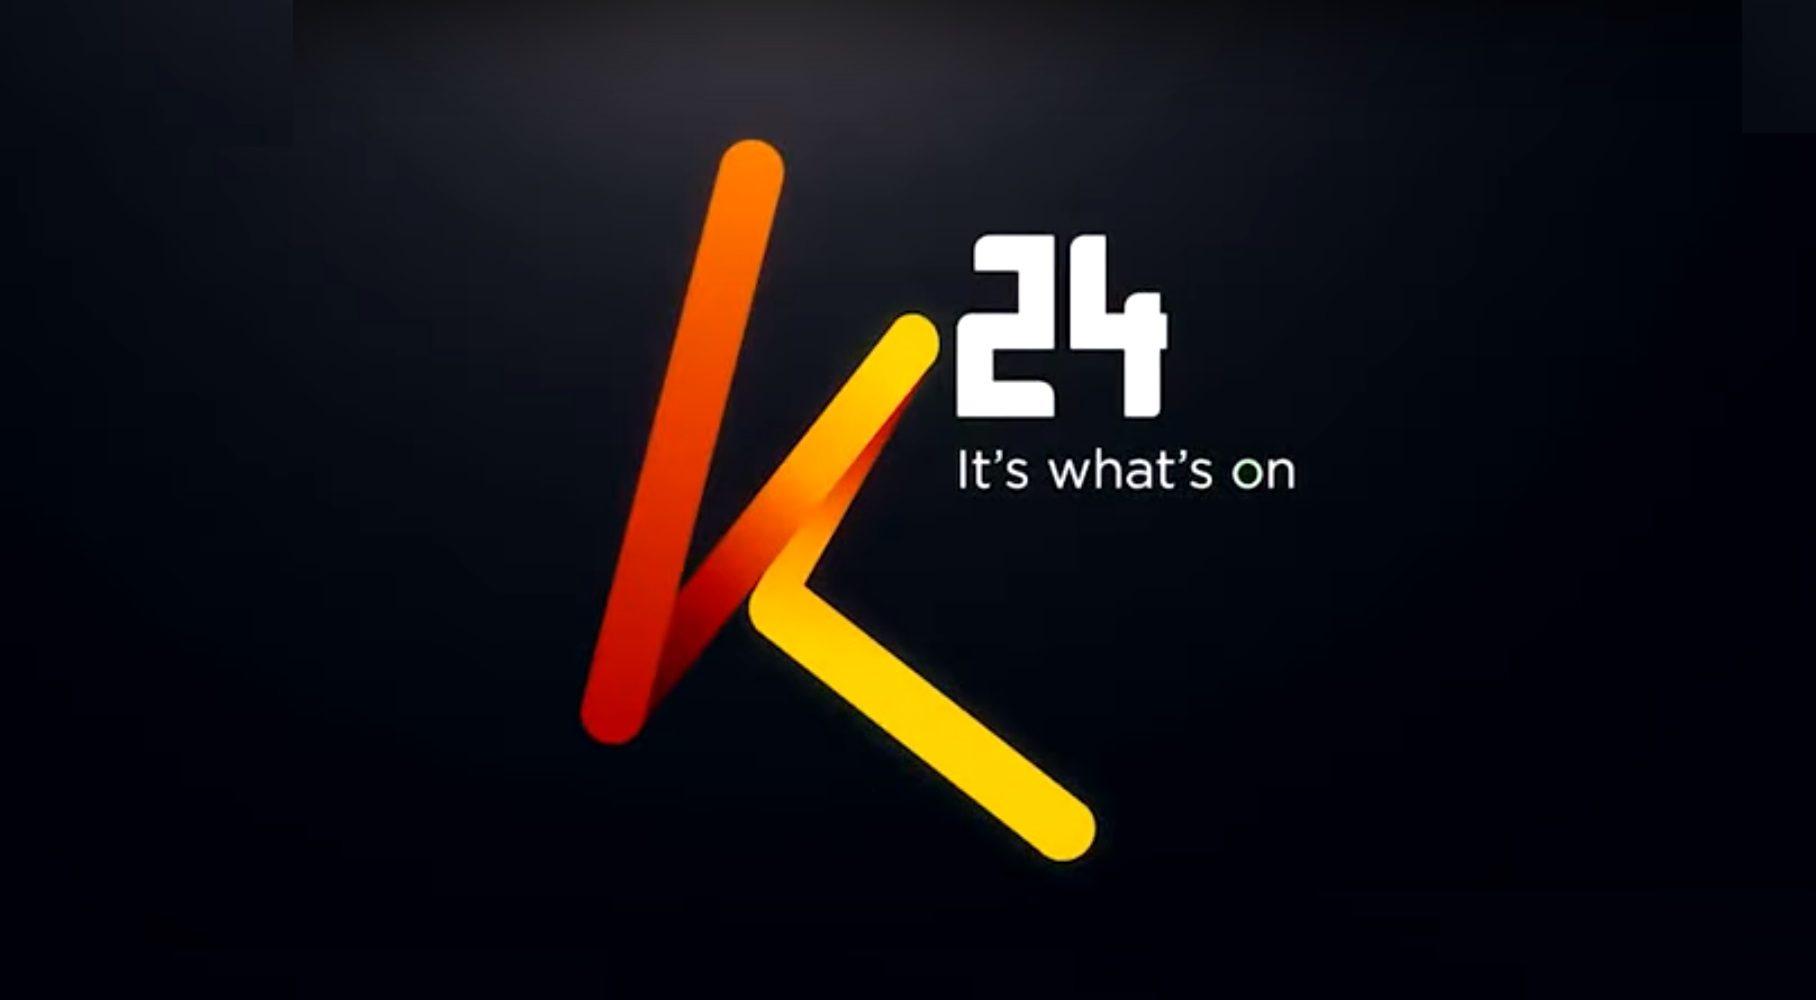 K24 TV Journalist Commits Suicide after battling depression